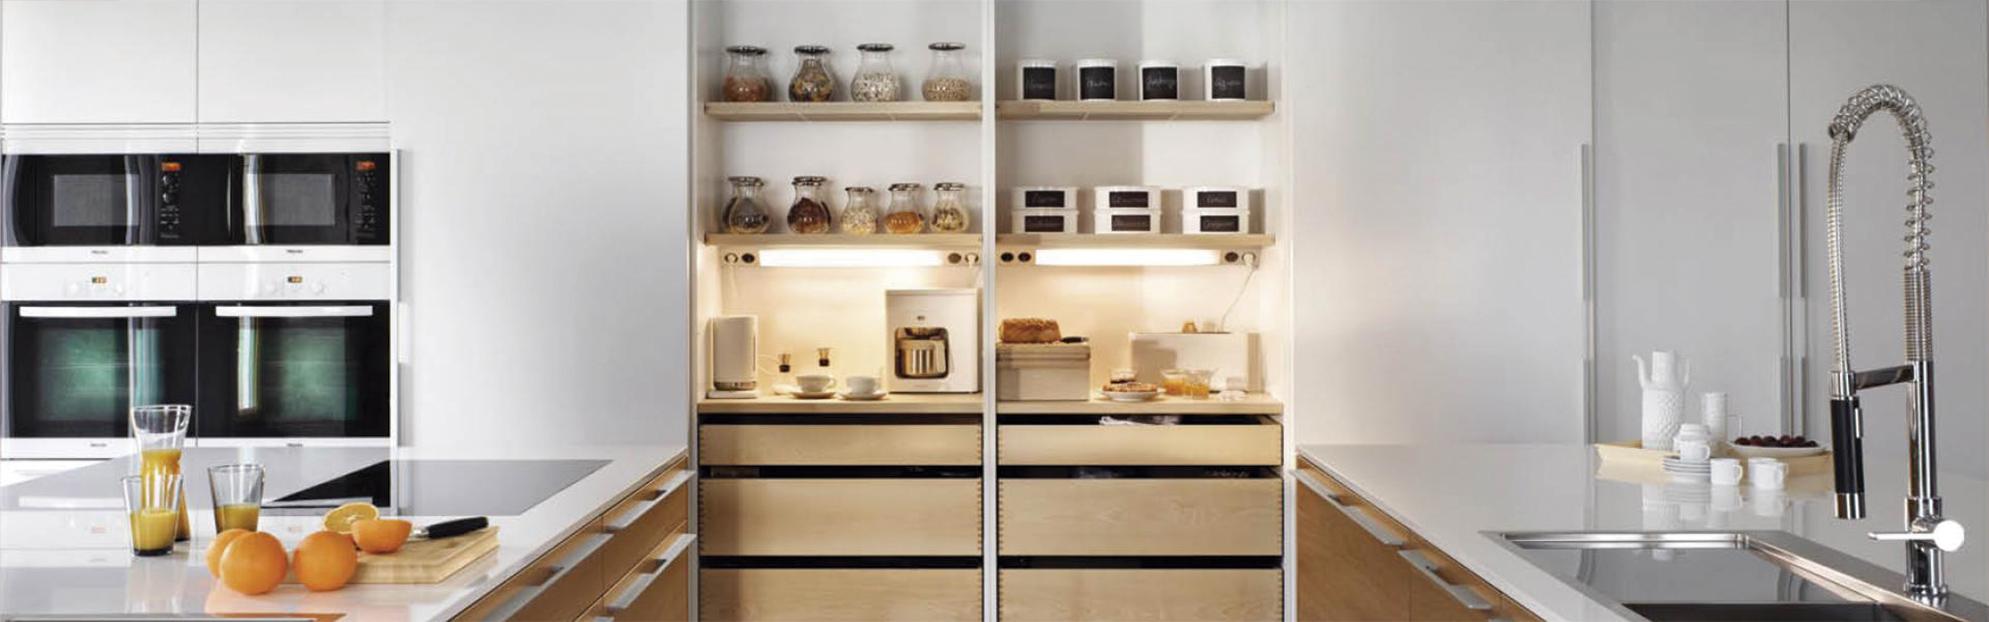 Catálogo de Cocinas Santos